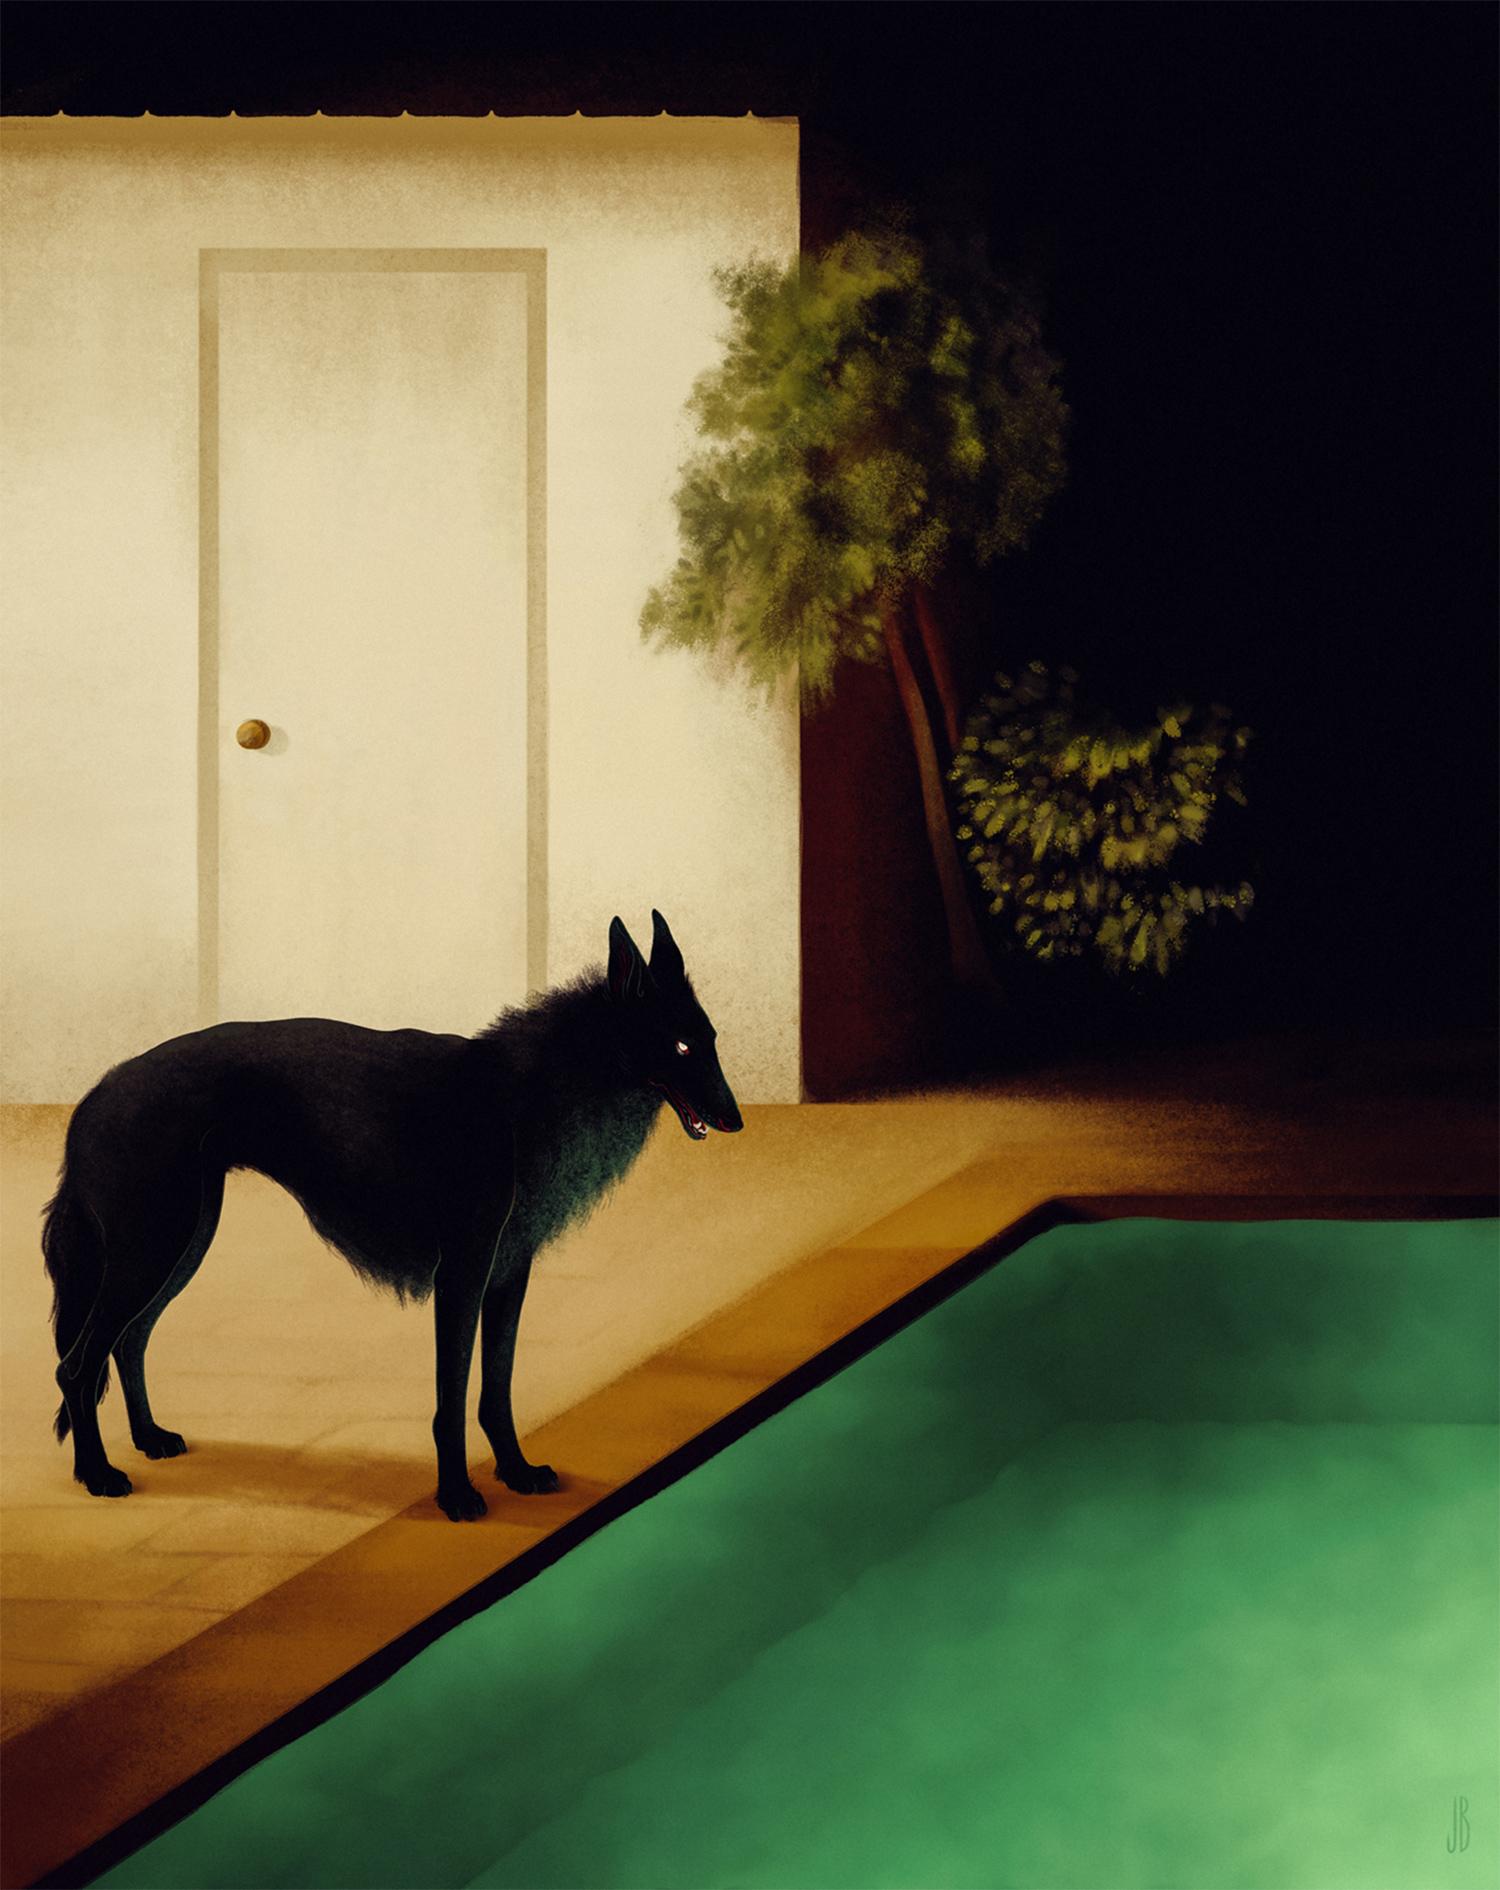 Jenna Barton - Summer Dark